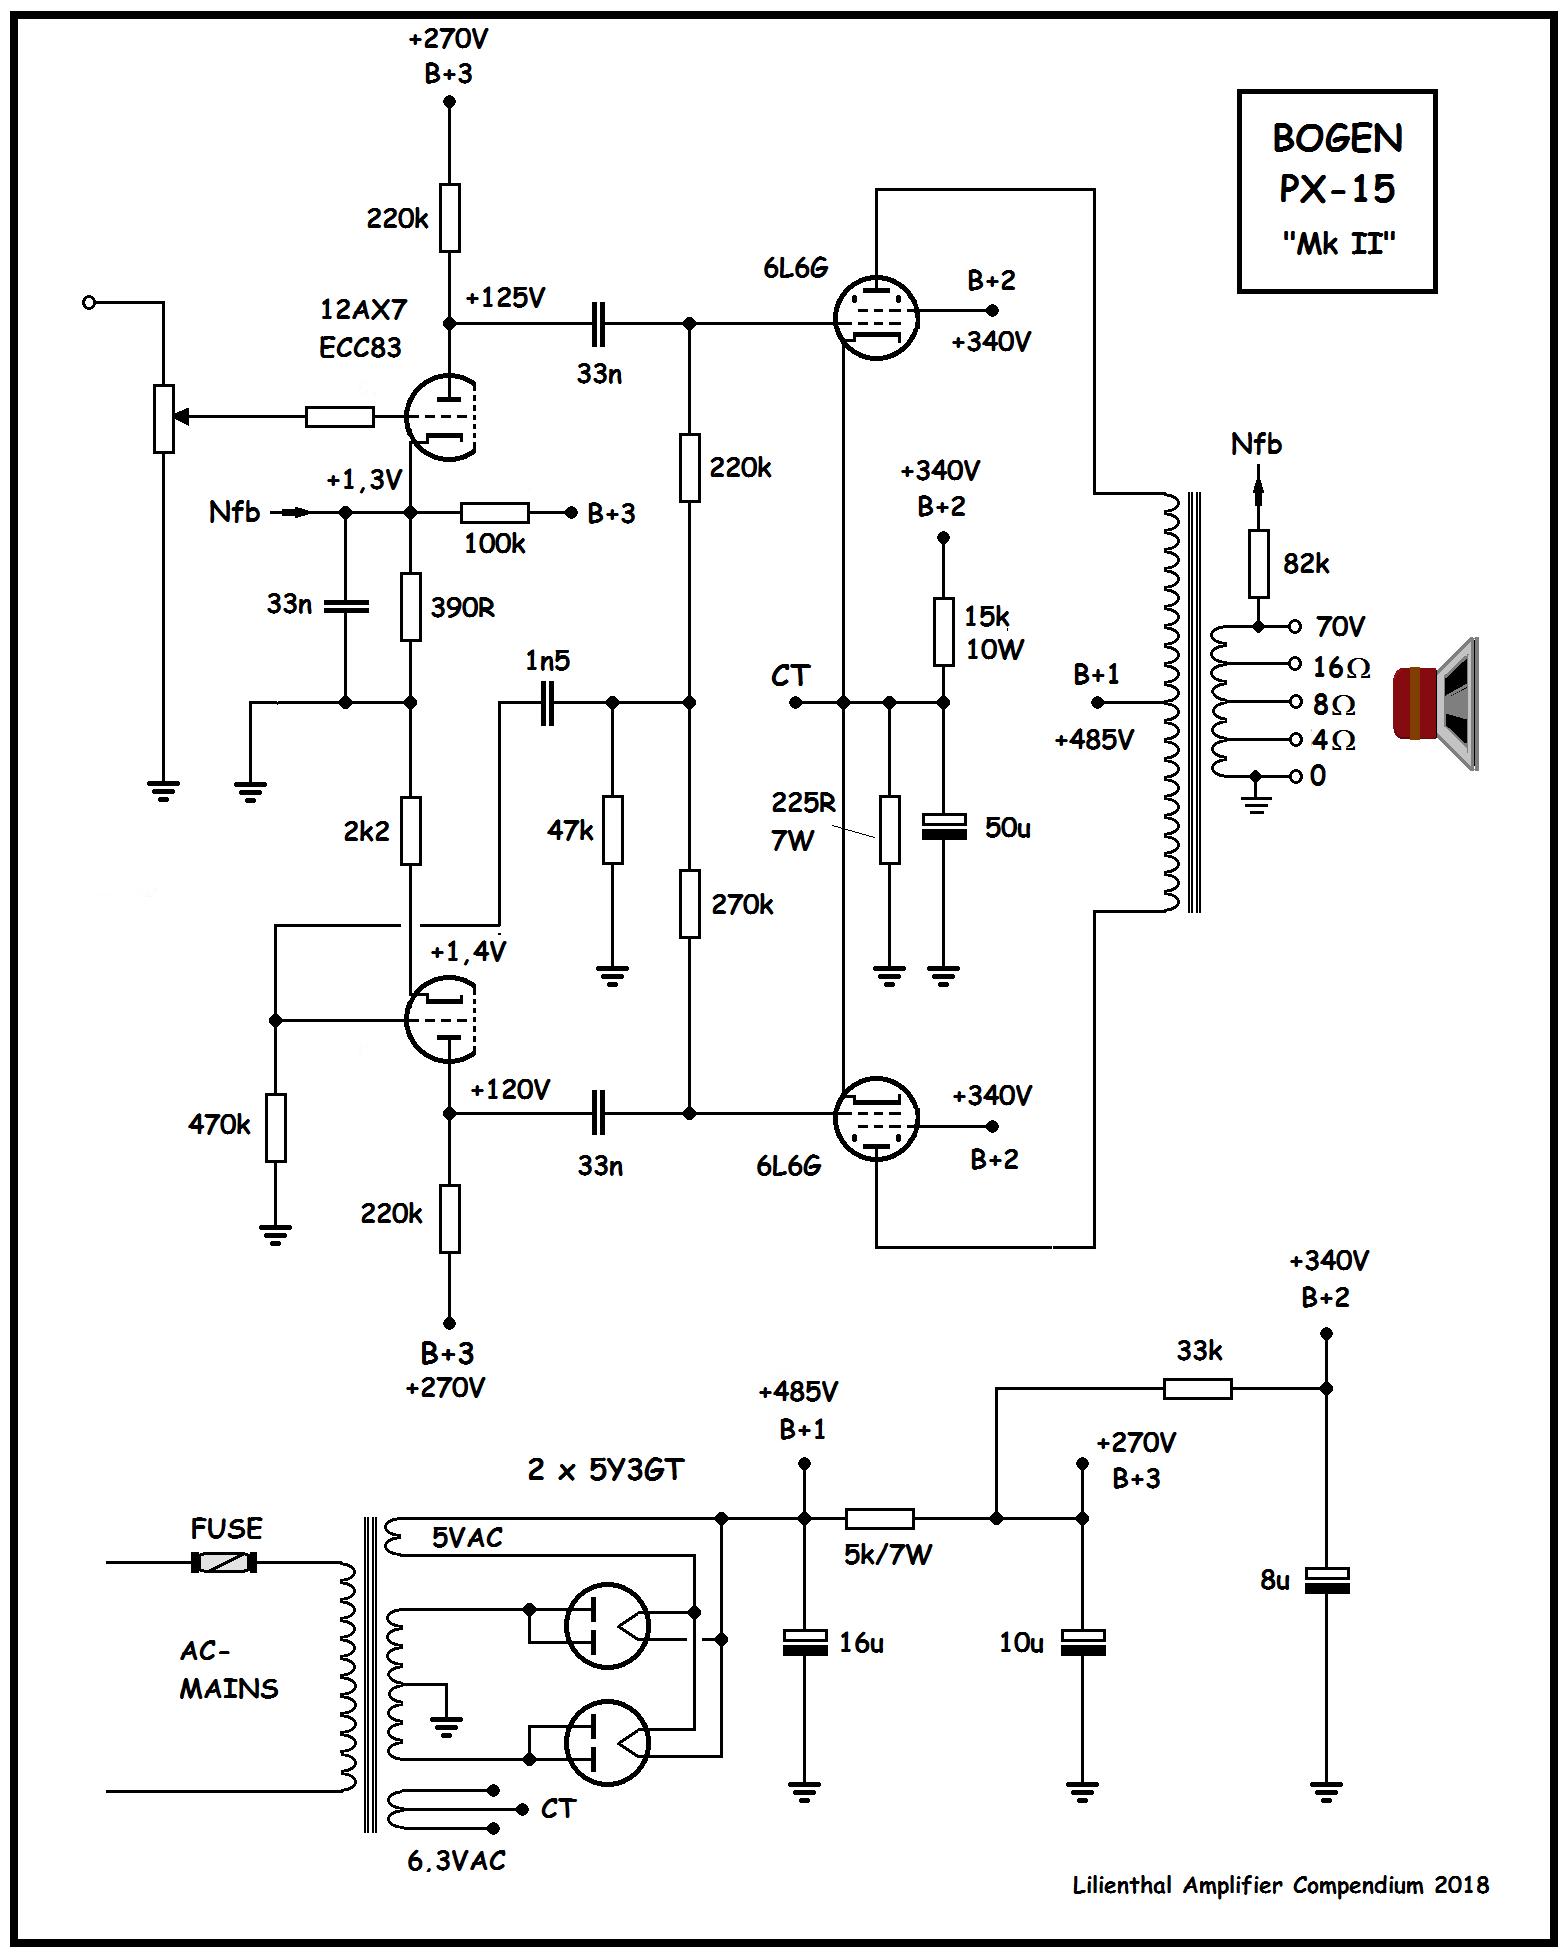 Bogen PX-15 Mk II , ny tegning 2